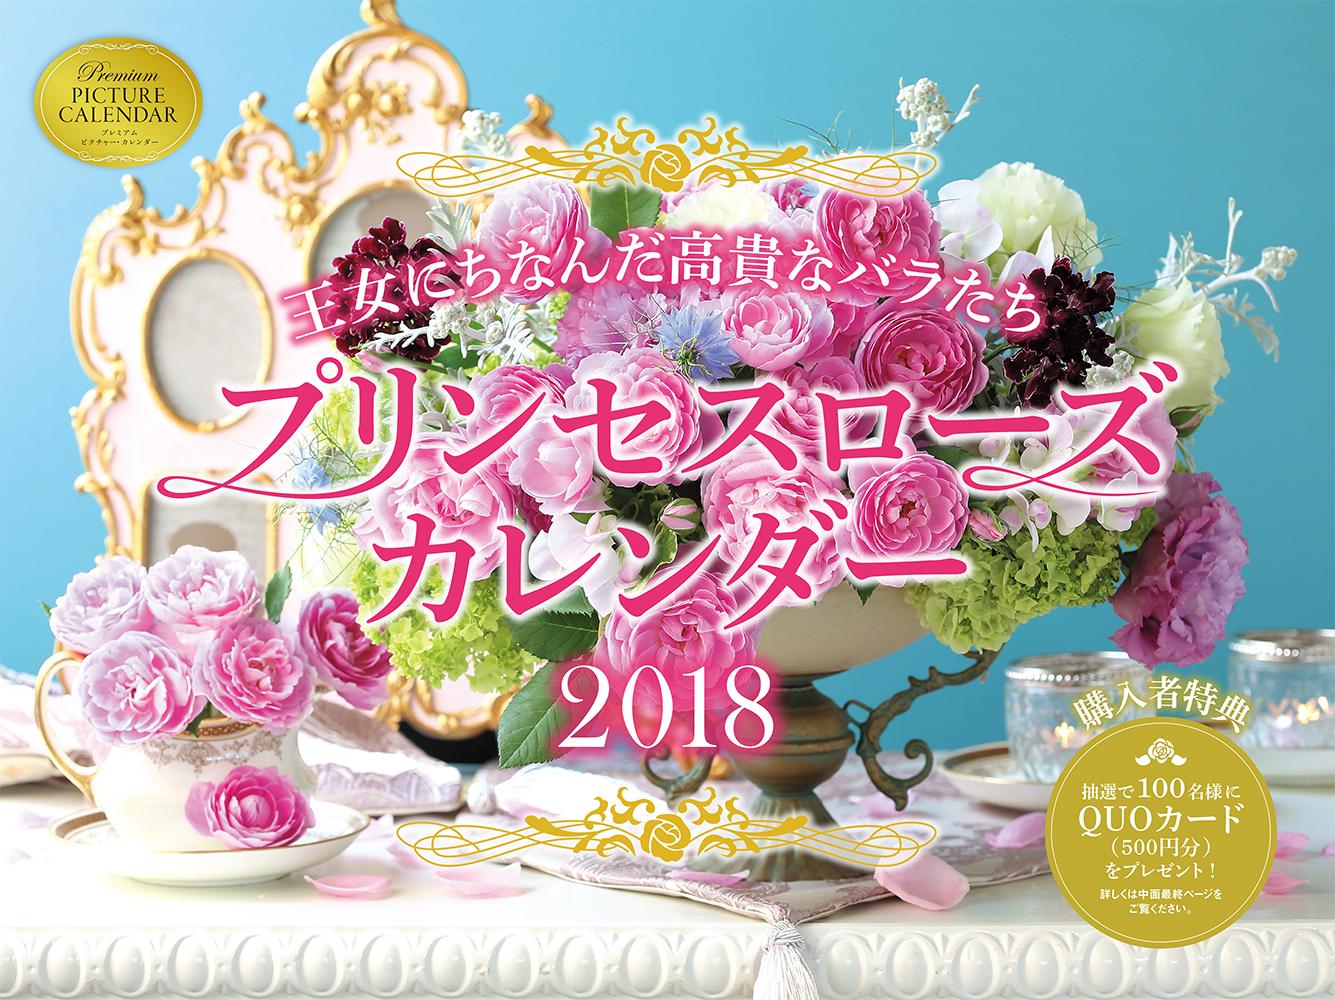 2018 王女にちなんだ高貴なバラたち プリンセスローズカレンダー